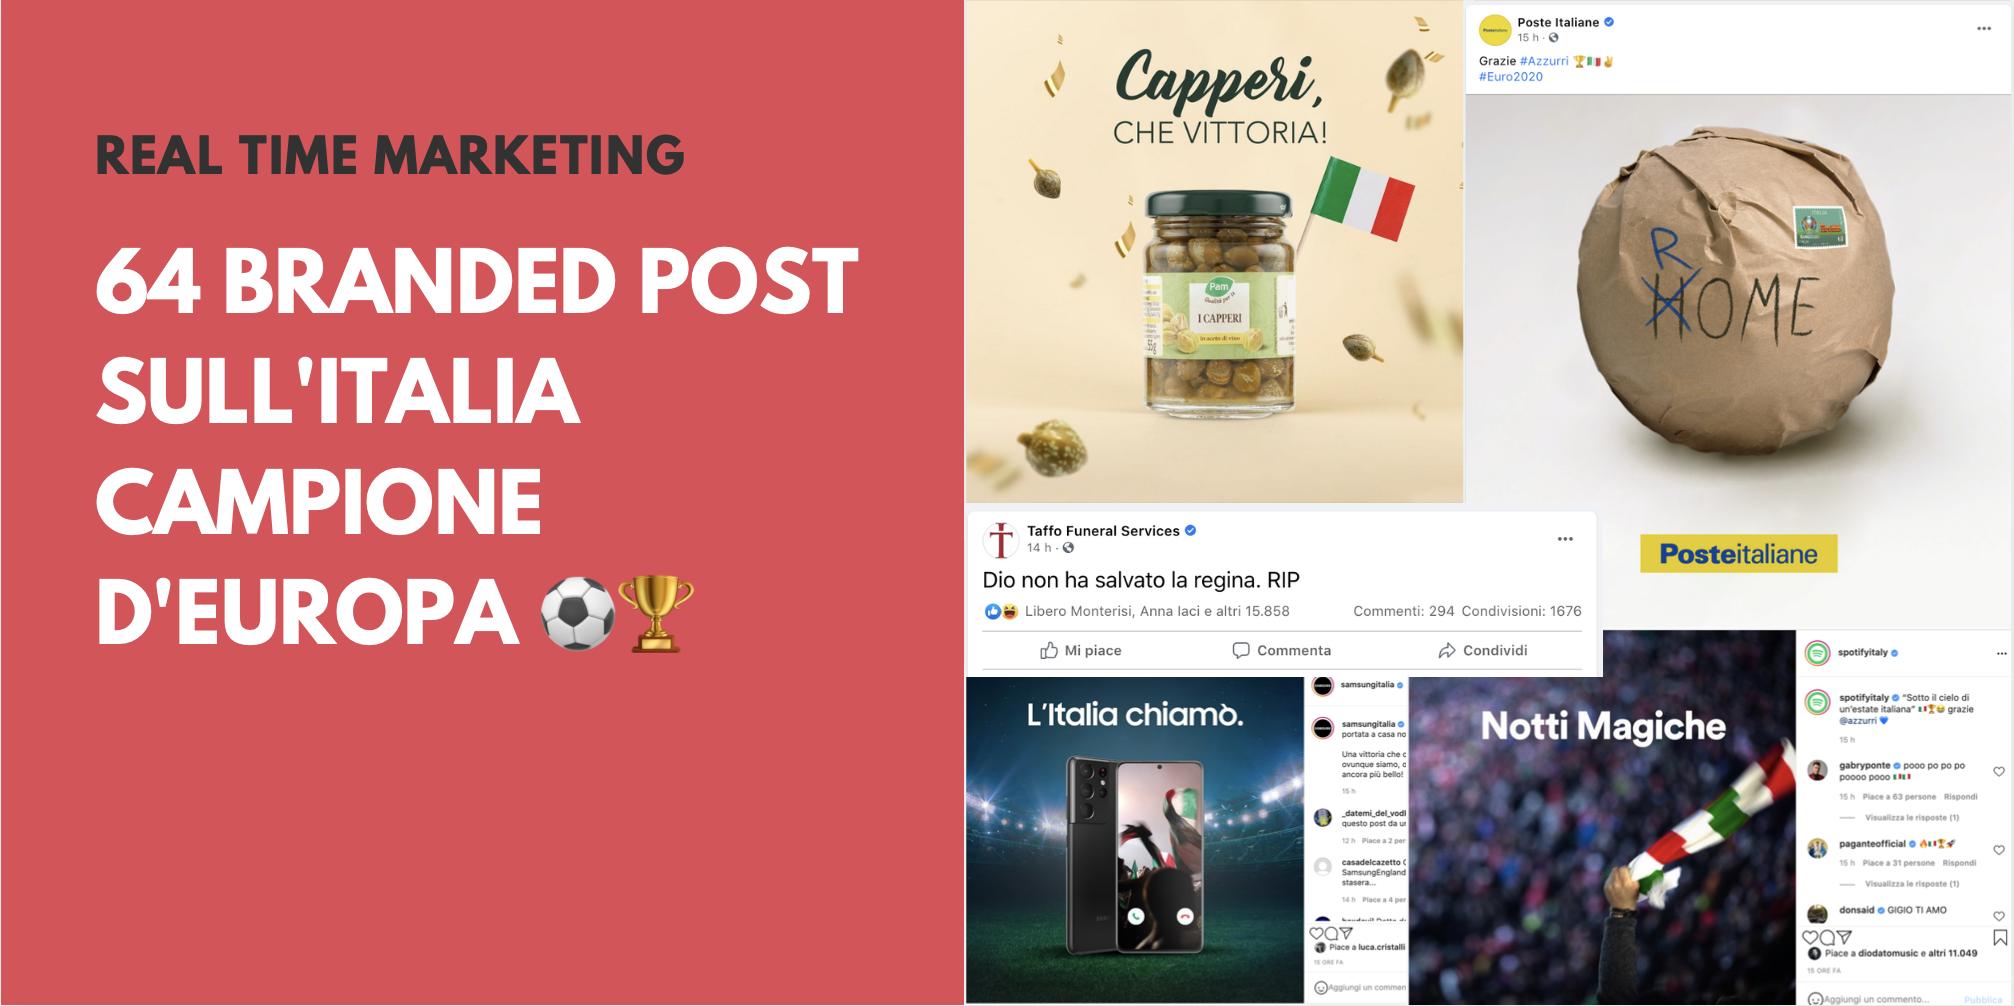 64 branded post sull'Italia Campione d'Europa